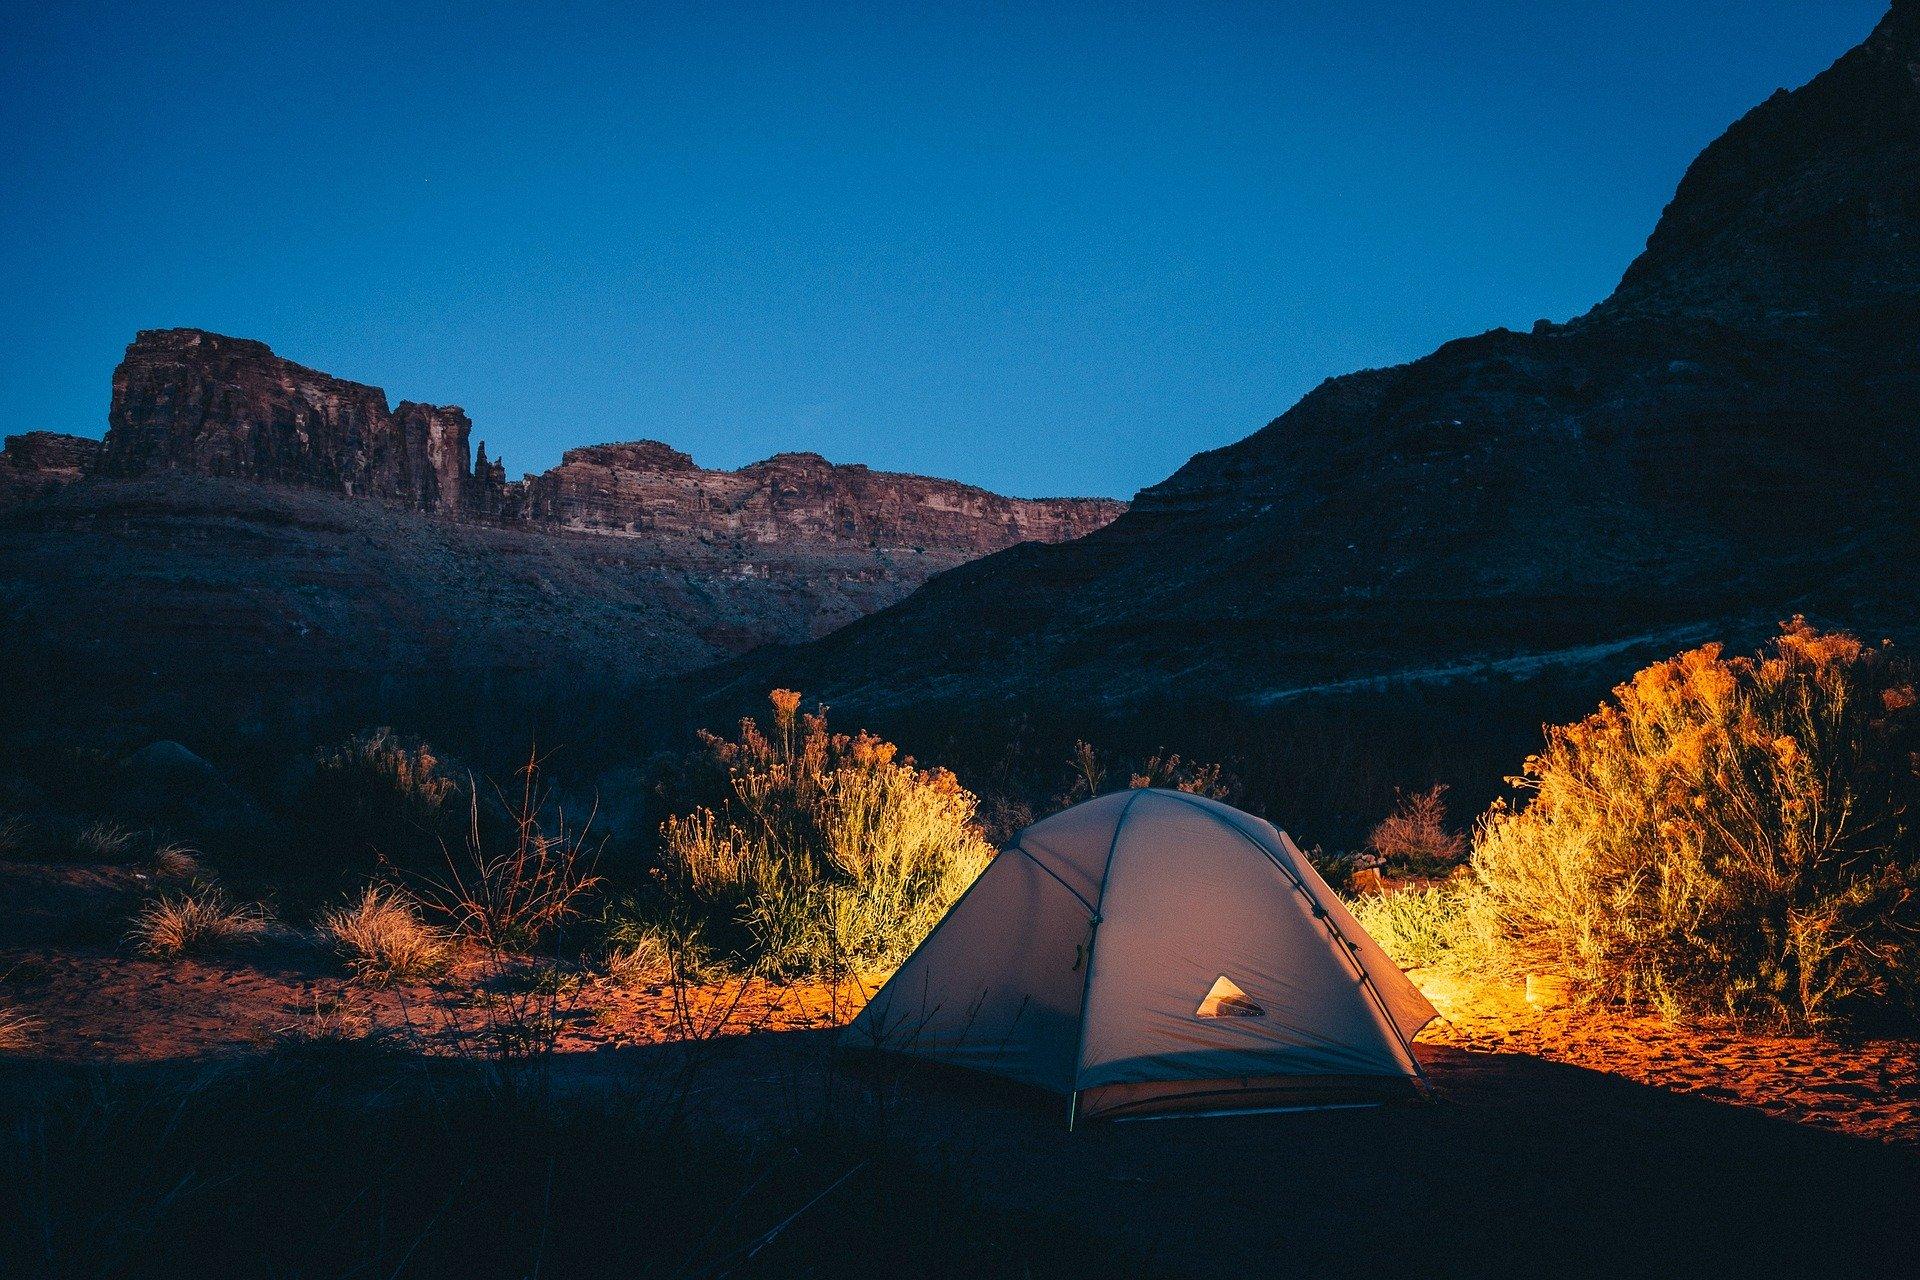 Le camping et le sport, les accessoires :